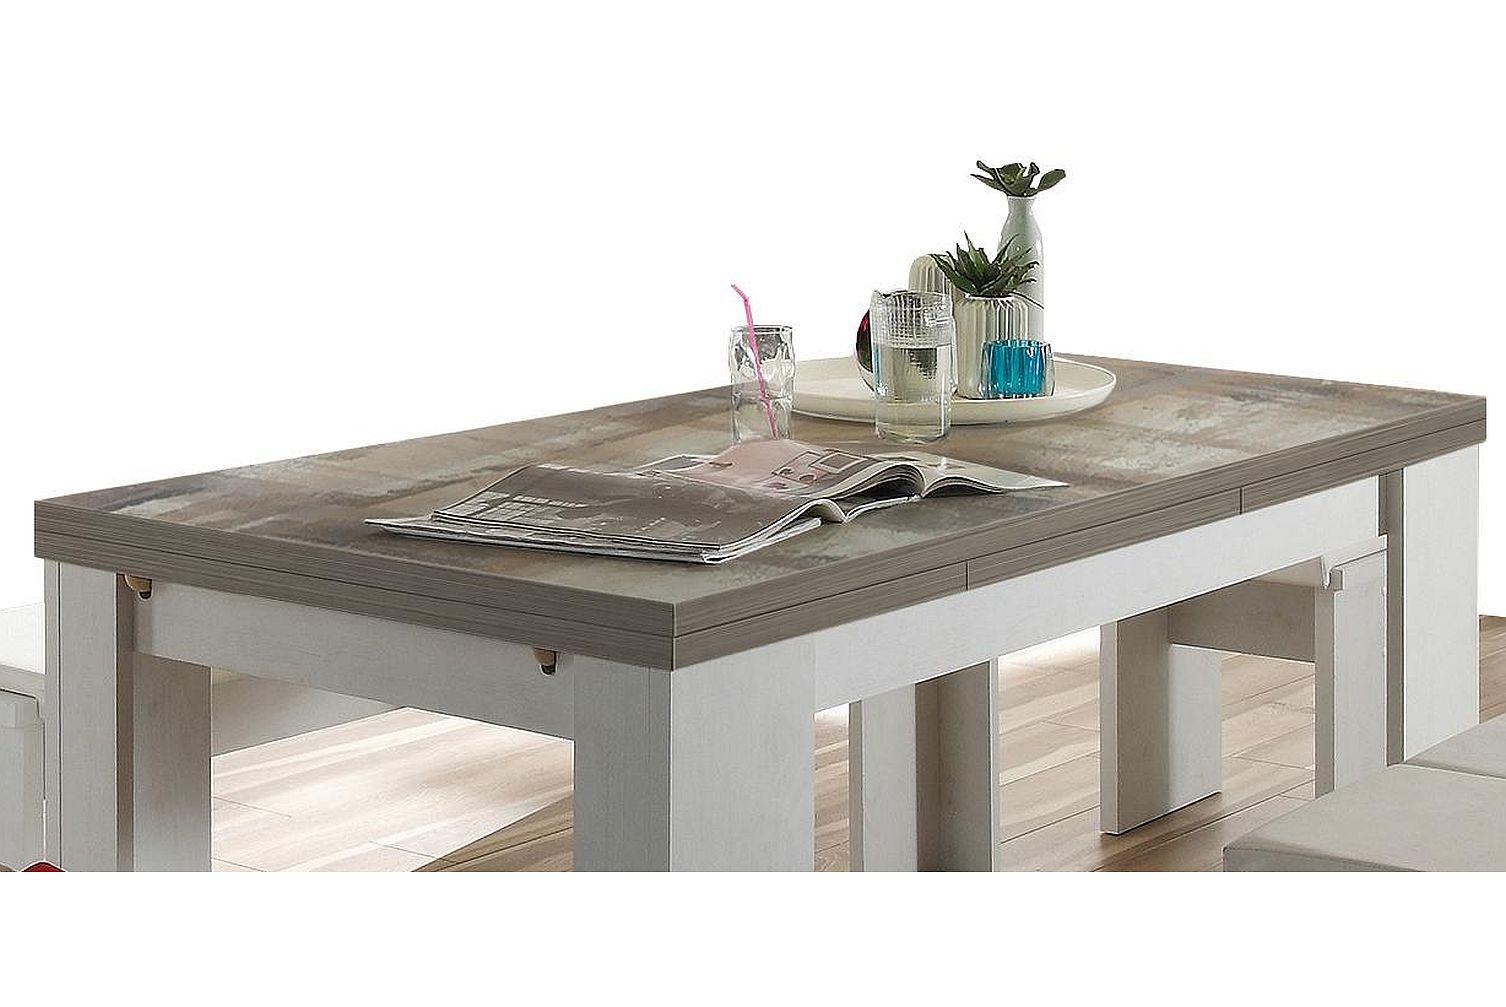 grosser esstisch ausziehtisch erweiterbar kuechentisch tisch tische esstische ebay. Black Bedroom Furniture Sets. Home Design Ideas